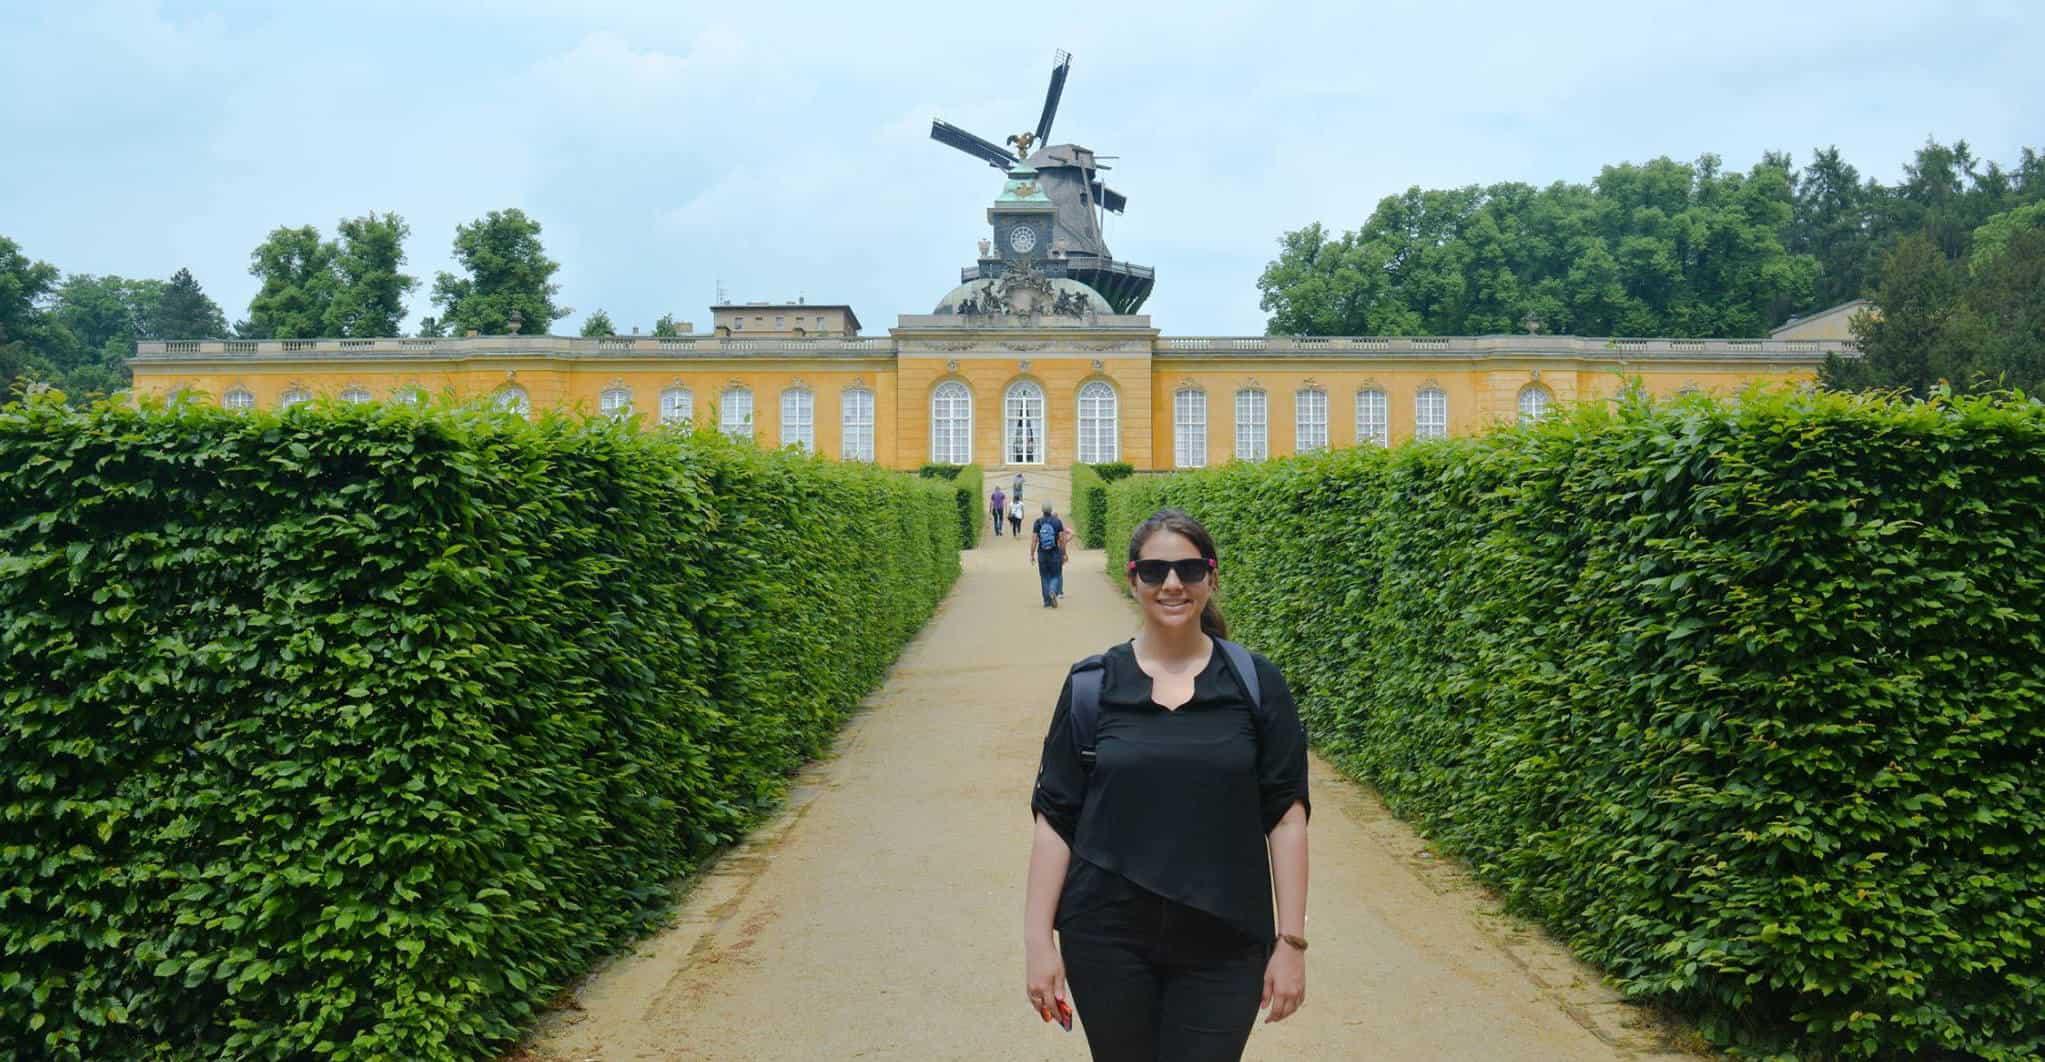 Historic Mill of Sanssouci